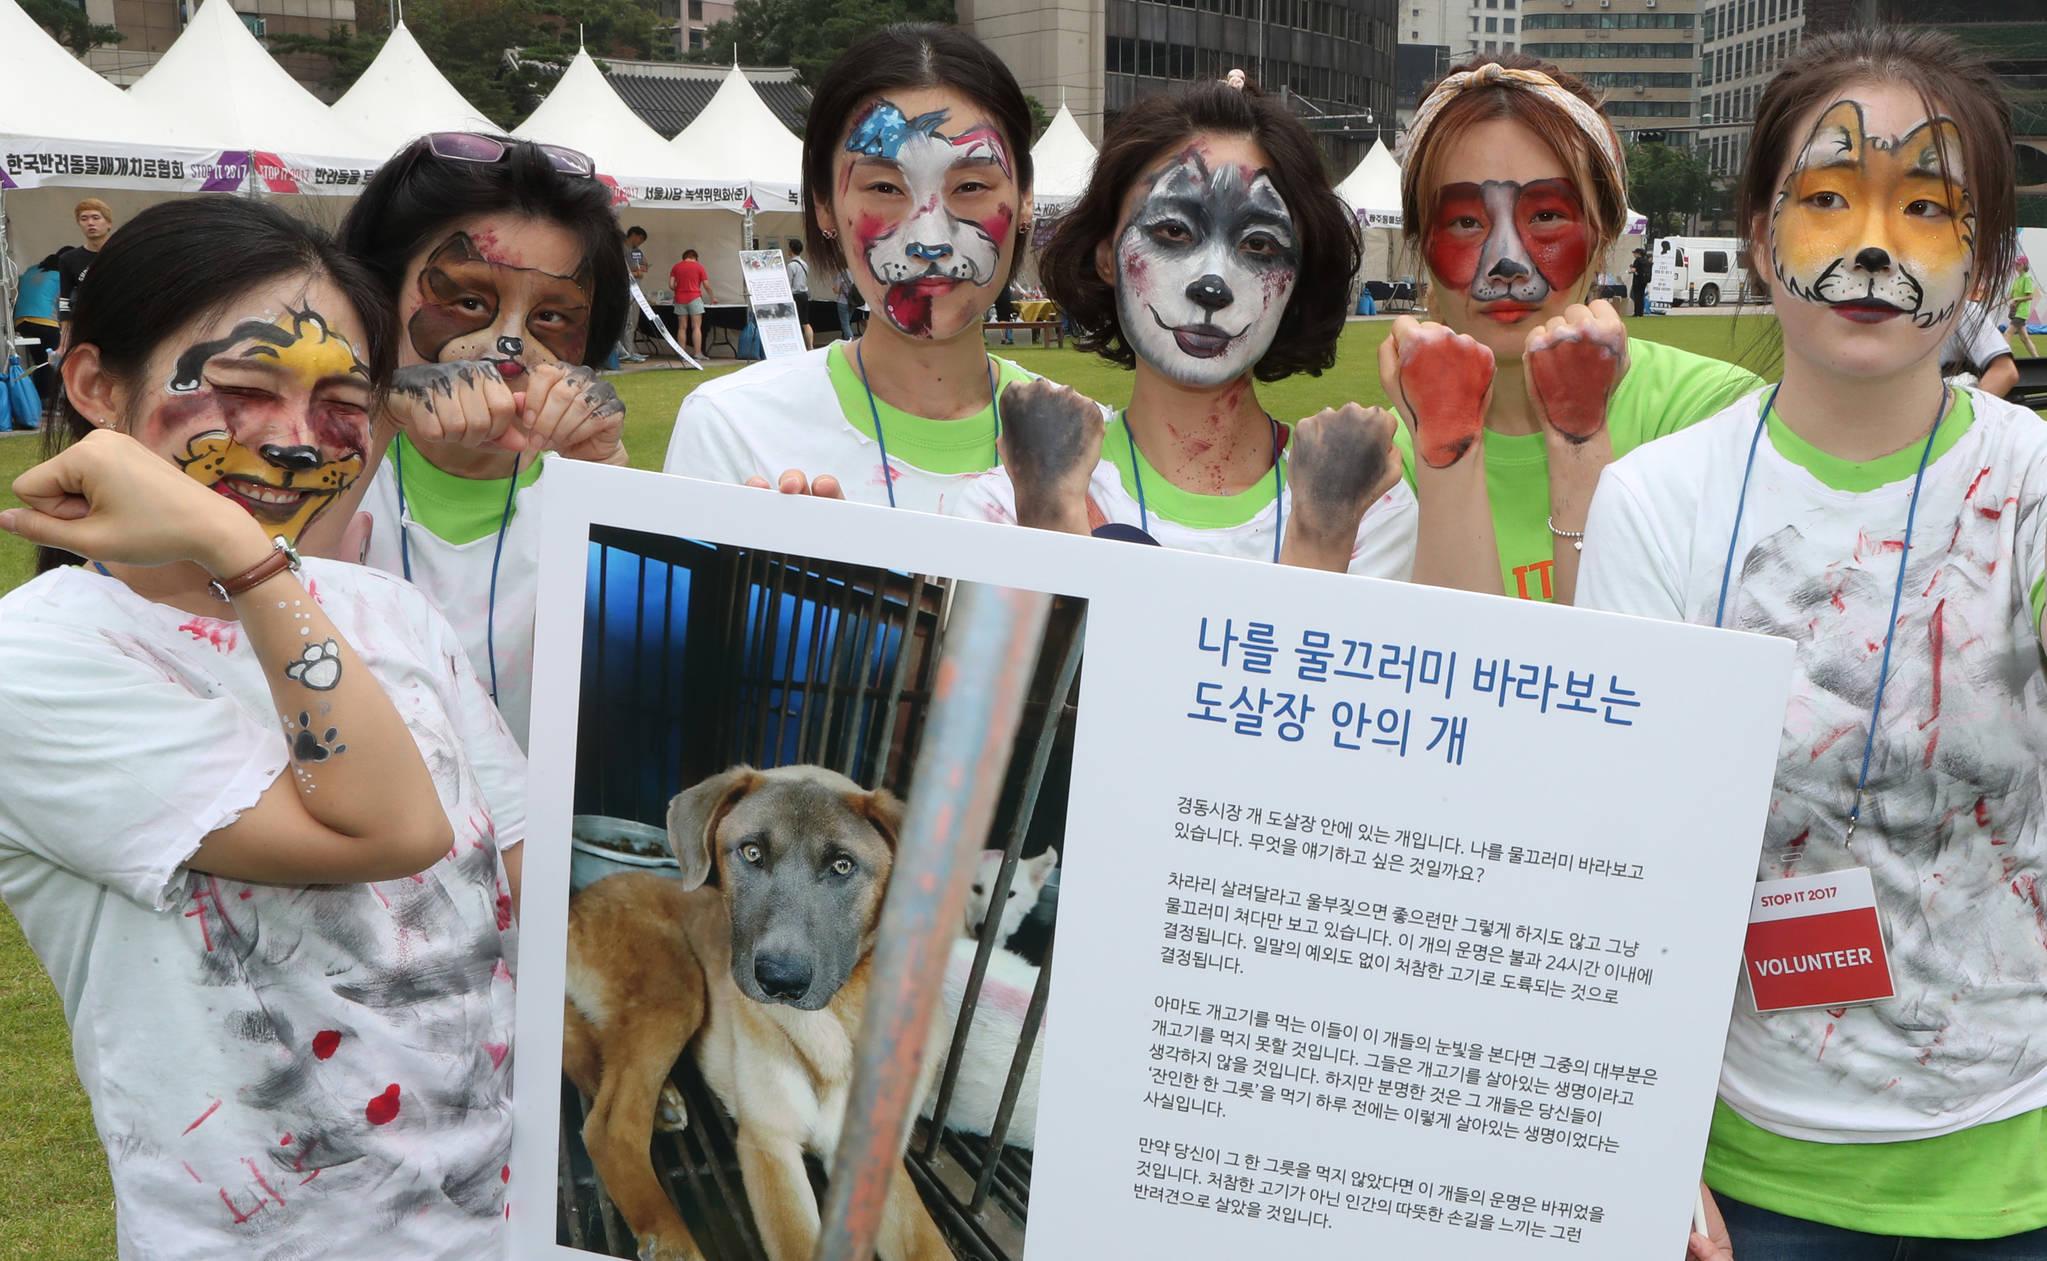 지난 7월 서울광장에서 '케어' 등 35개 동물권익단체 회원들이 개와 고양이 분장을 한 채 보신탕을 먹지 말자는 캠페인을 진행하고 있다. 김춘식 기자